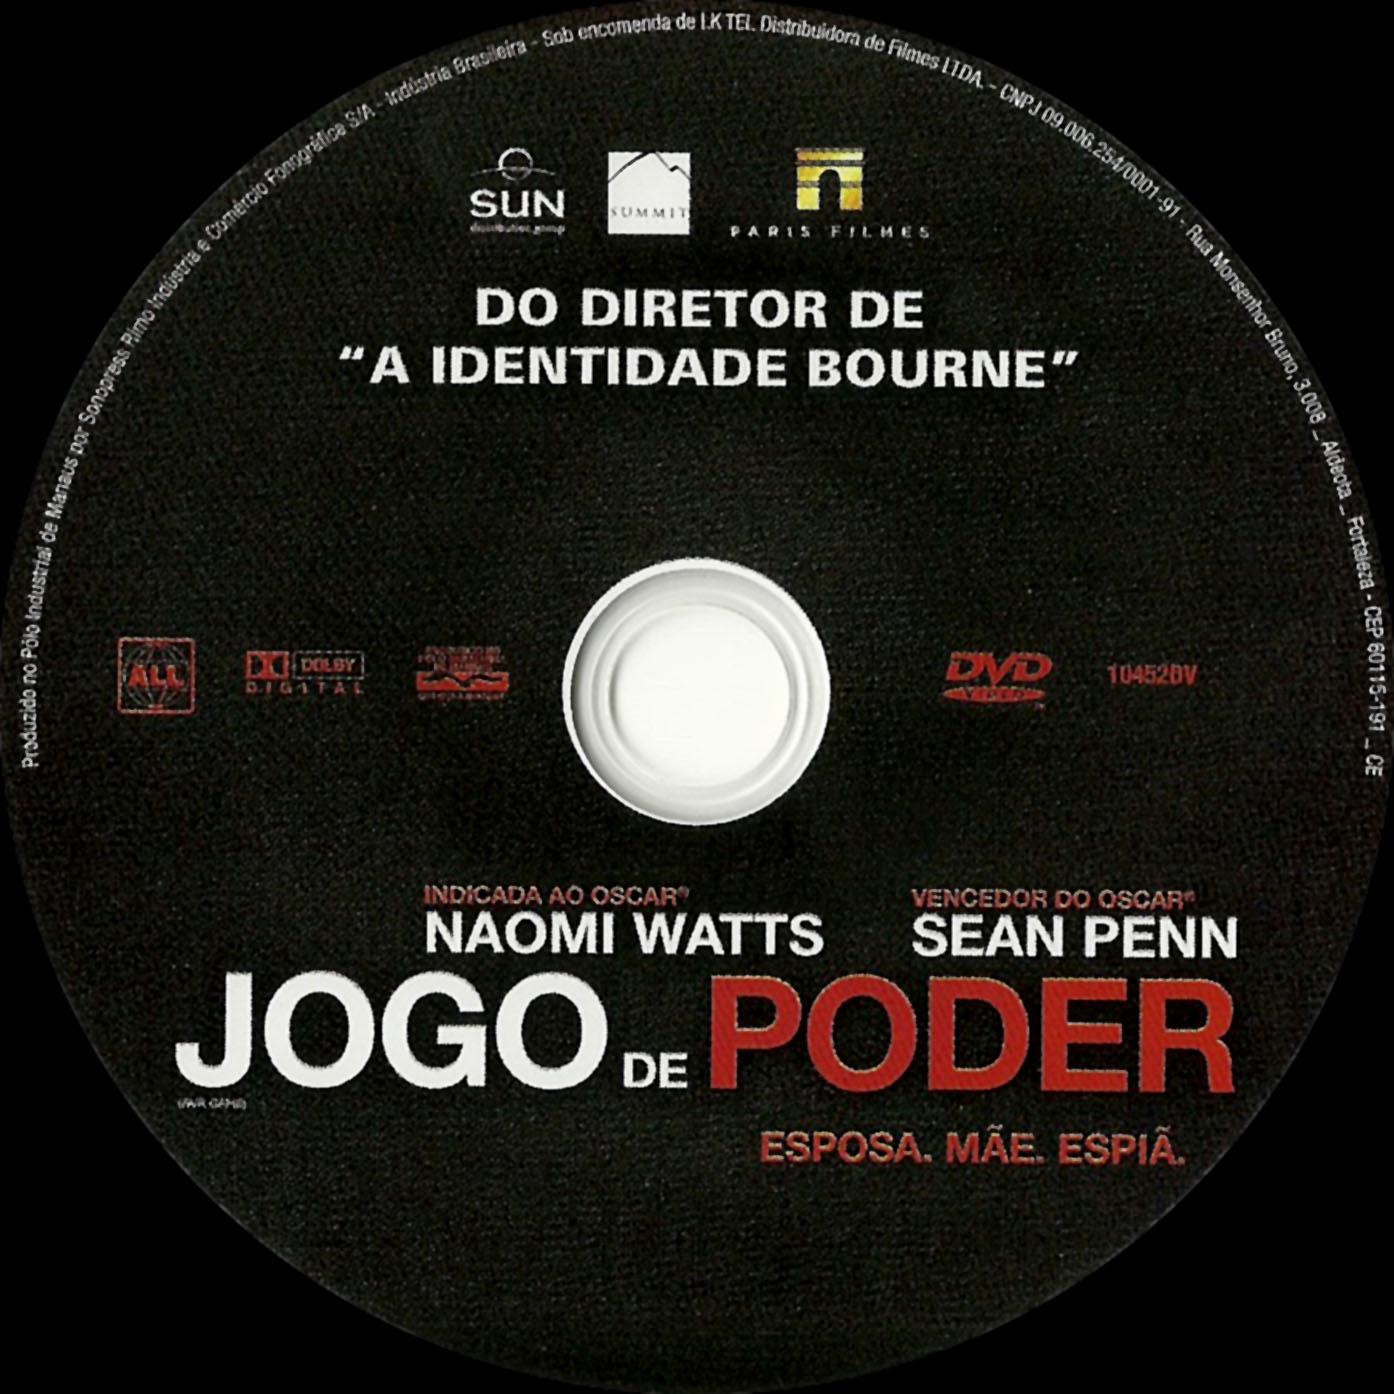 http://1.bp.blogspot.com/-zOBzAXiTIYs/TkRXma1hUoI/AAAAAAAAA2o/wpkQgYHakBE/s1600/JOGO%2BDE%2BPODER_DVD.jpg